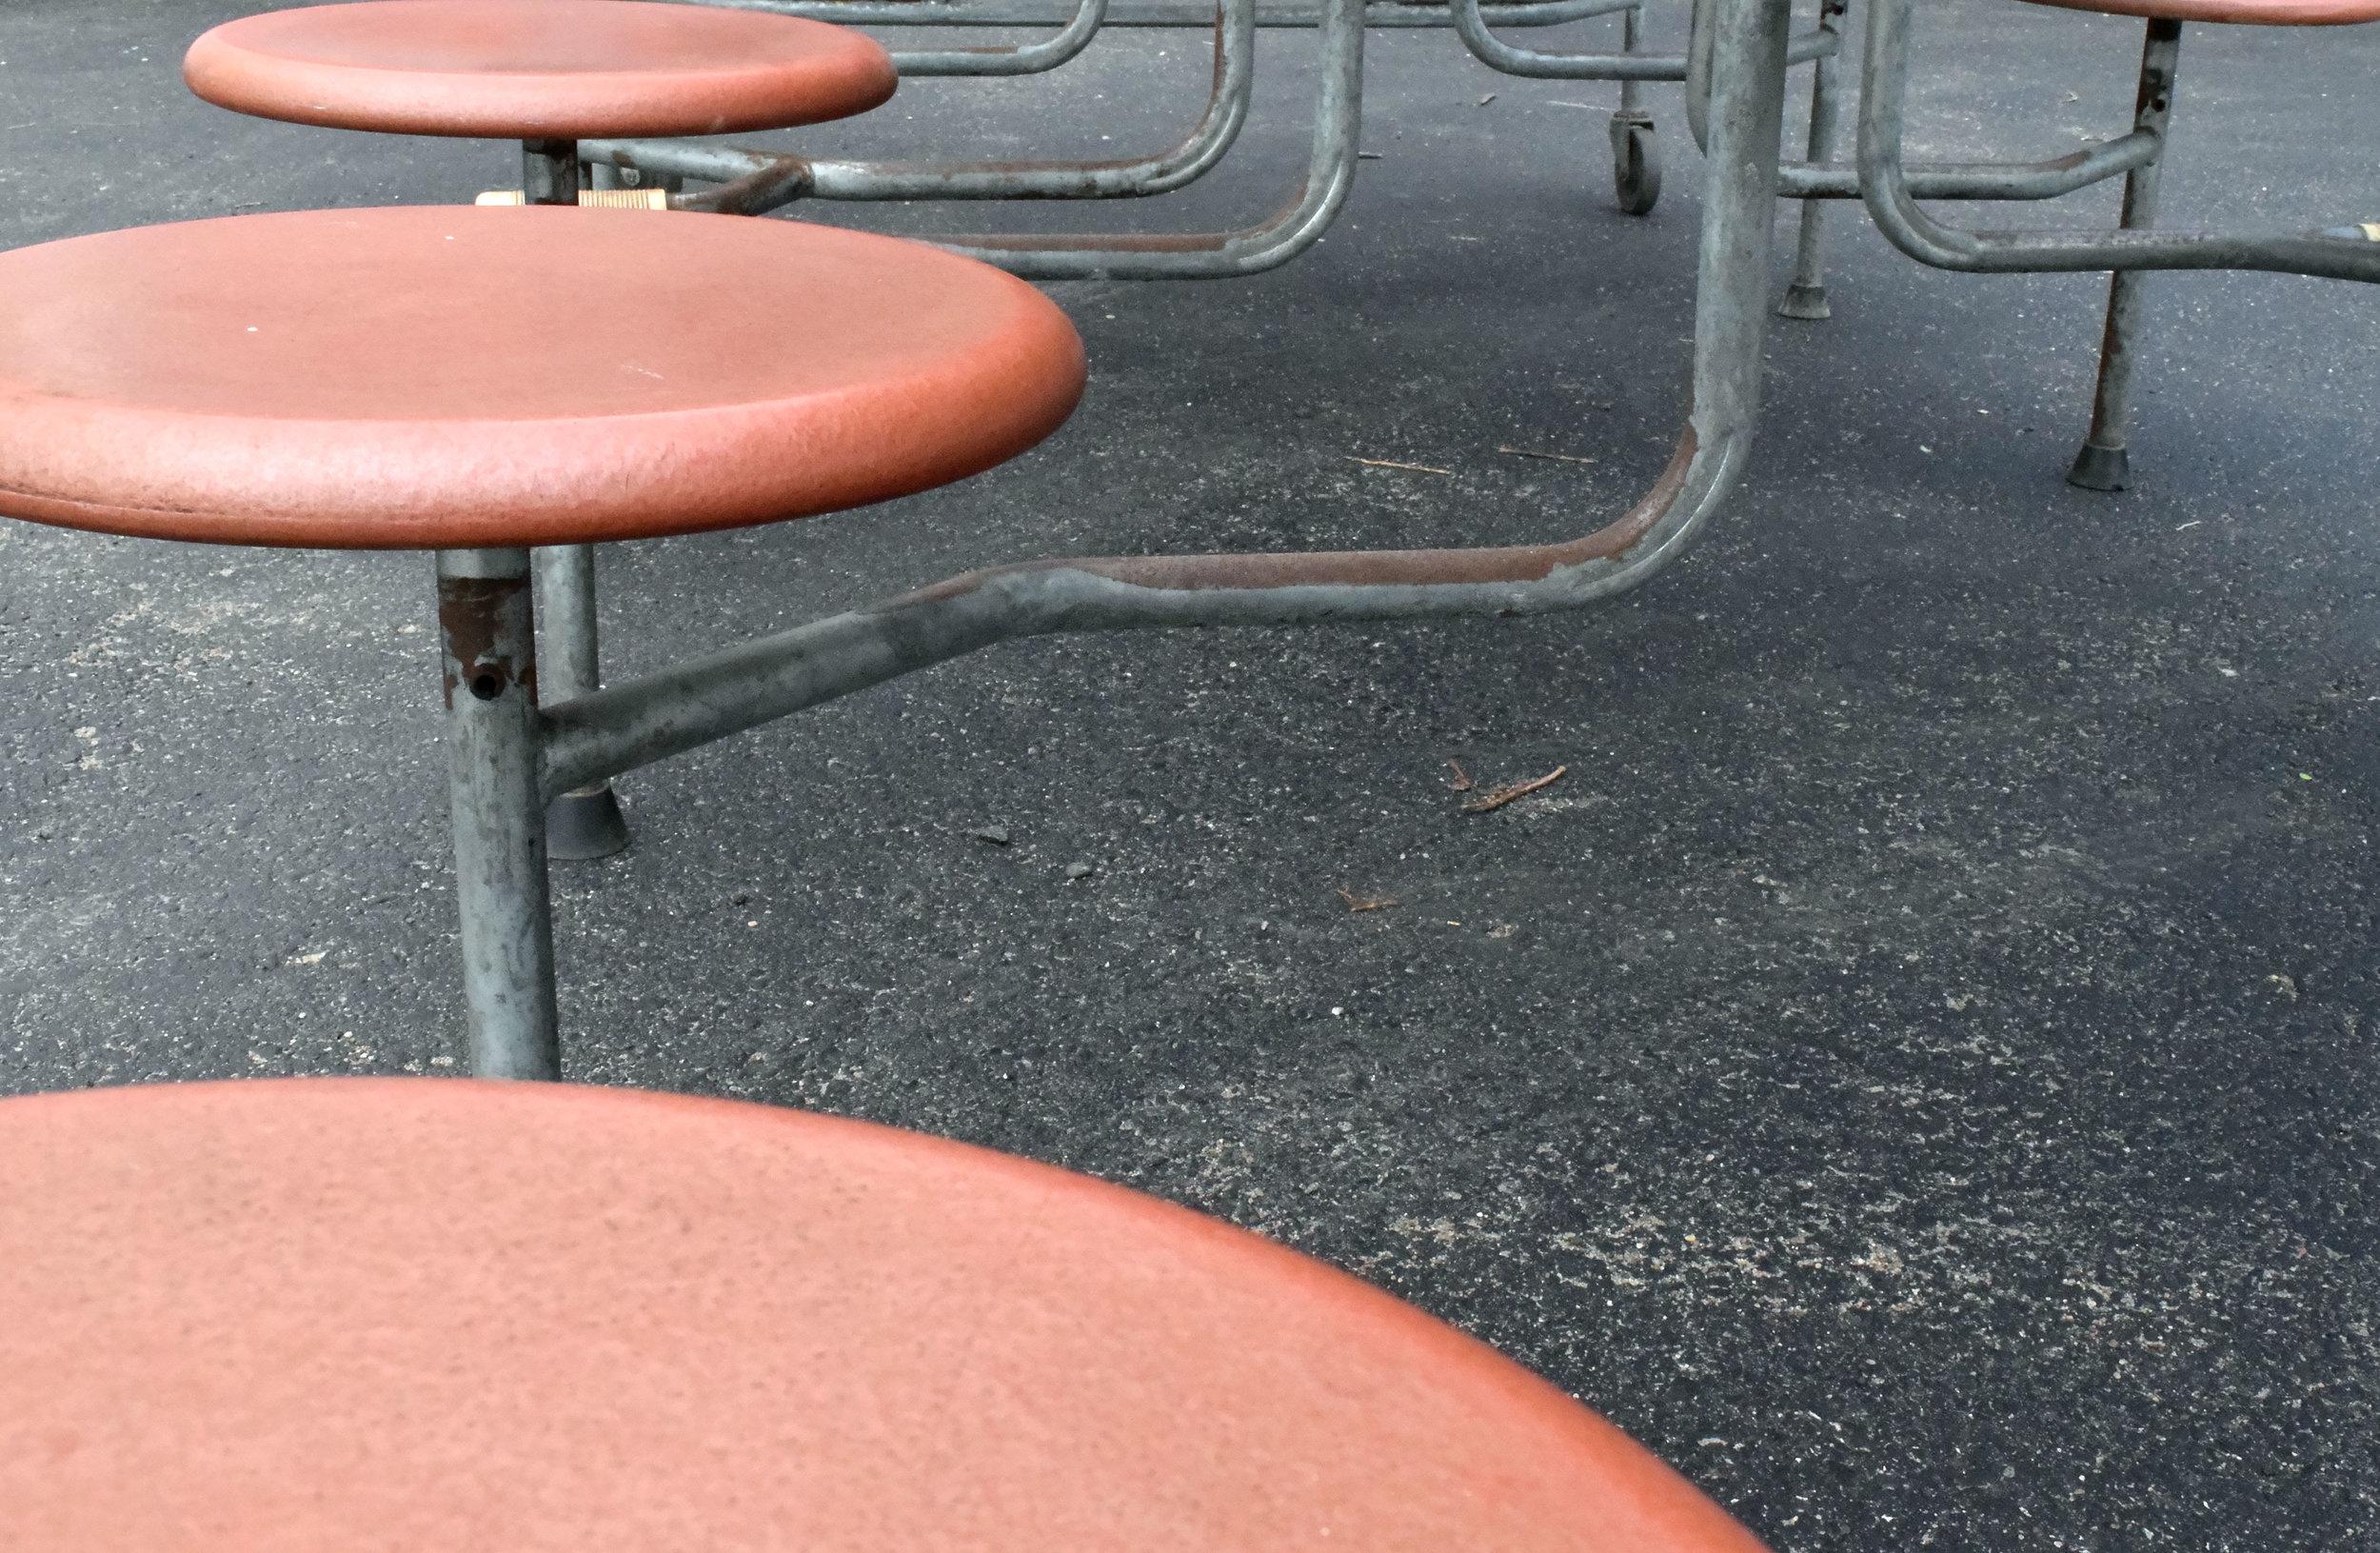 47026-school-lunch-table-legs.jpg